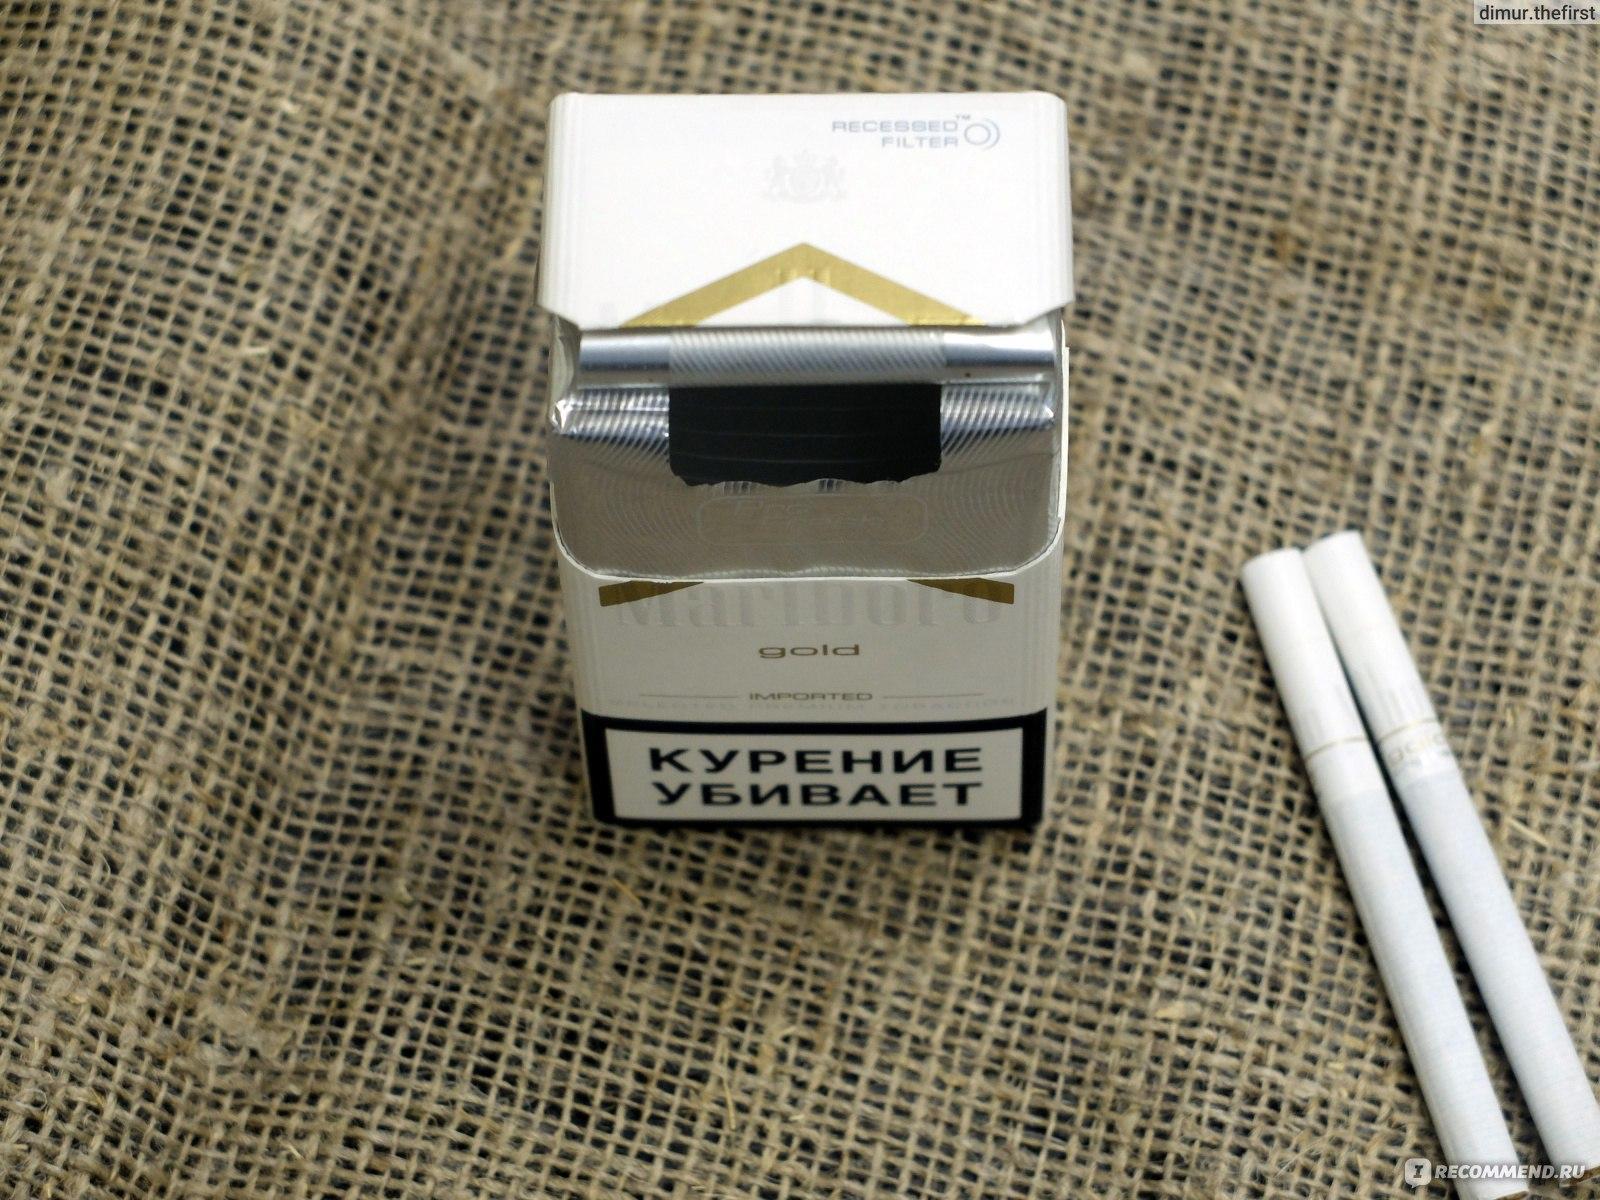 Сигареты с качественным табаком купить сигареты оптом калипсо